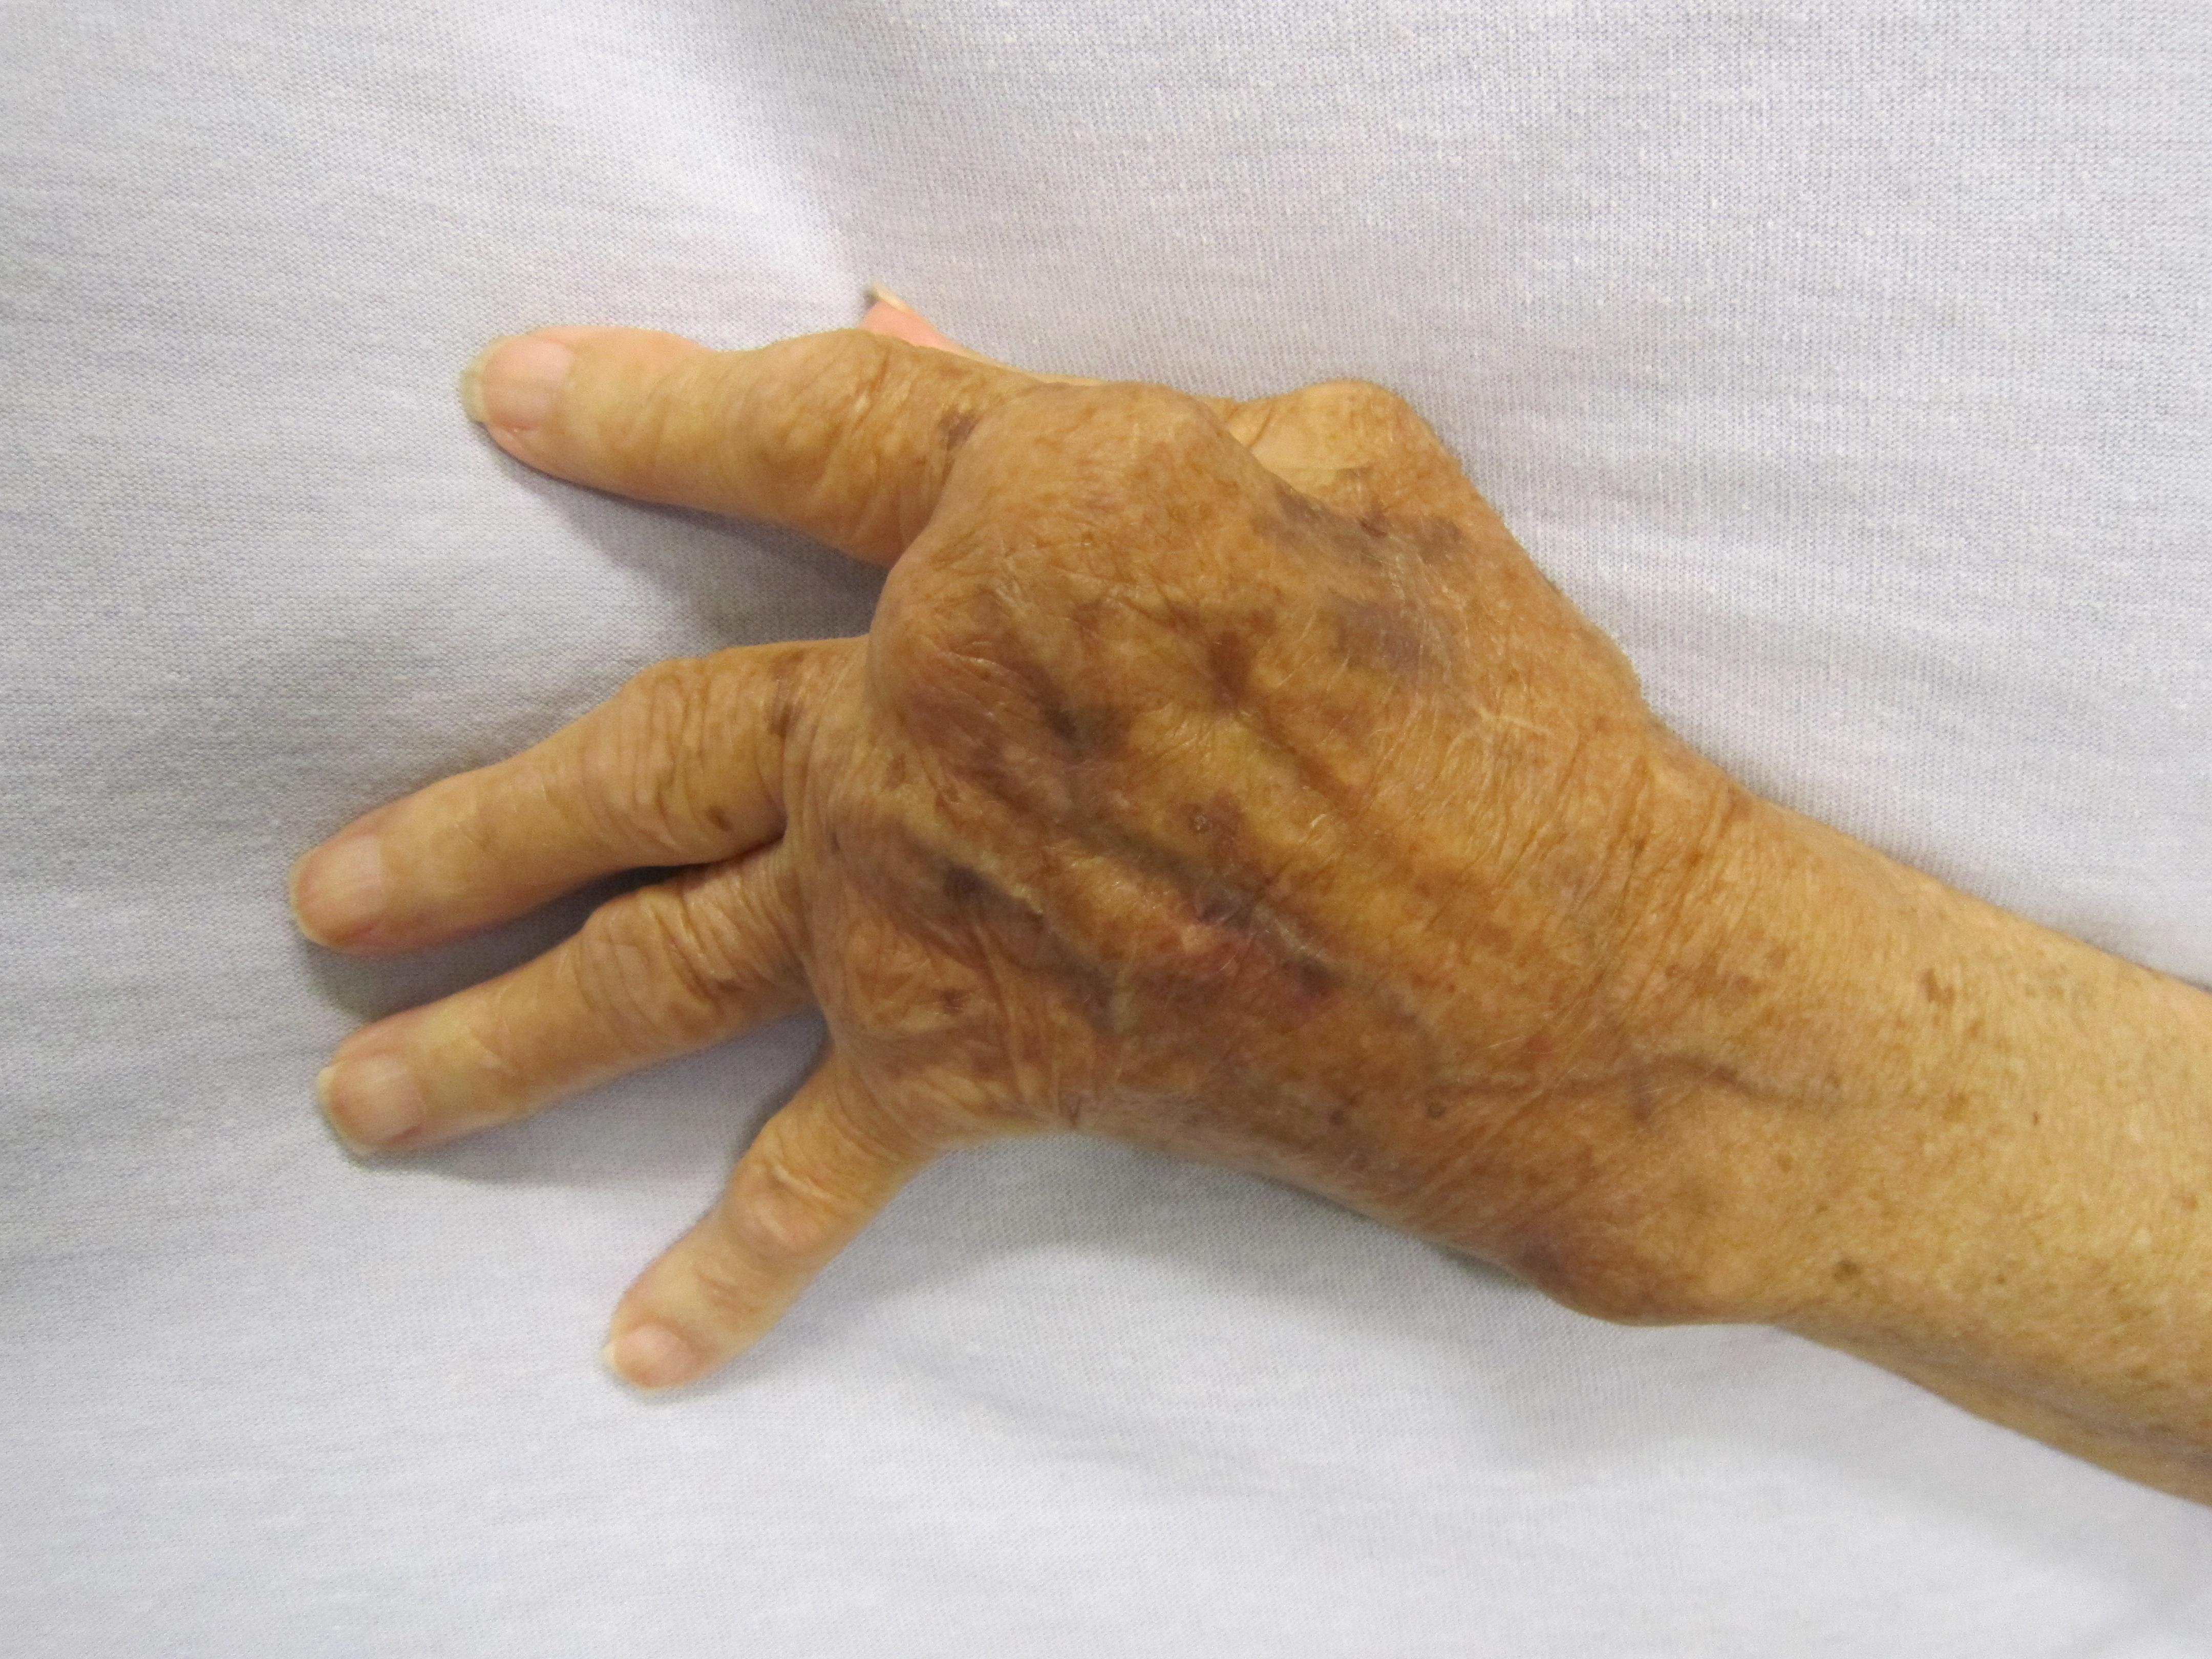 hogyan lehet megelőzni az ízületi rendellenességeket rheumatoid arthritisben)